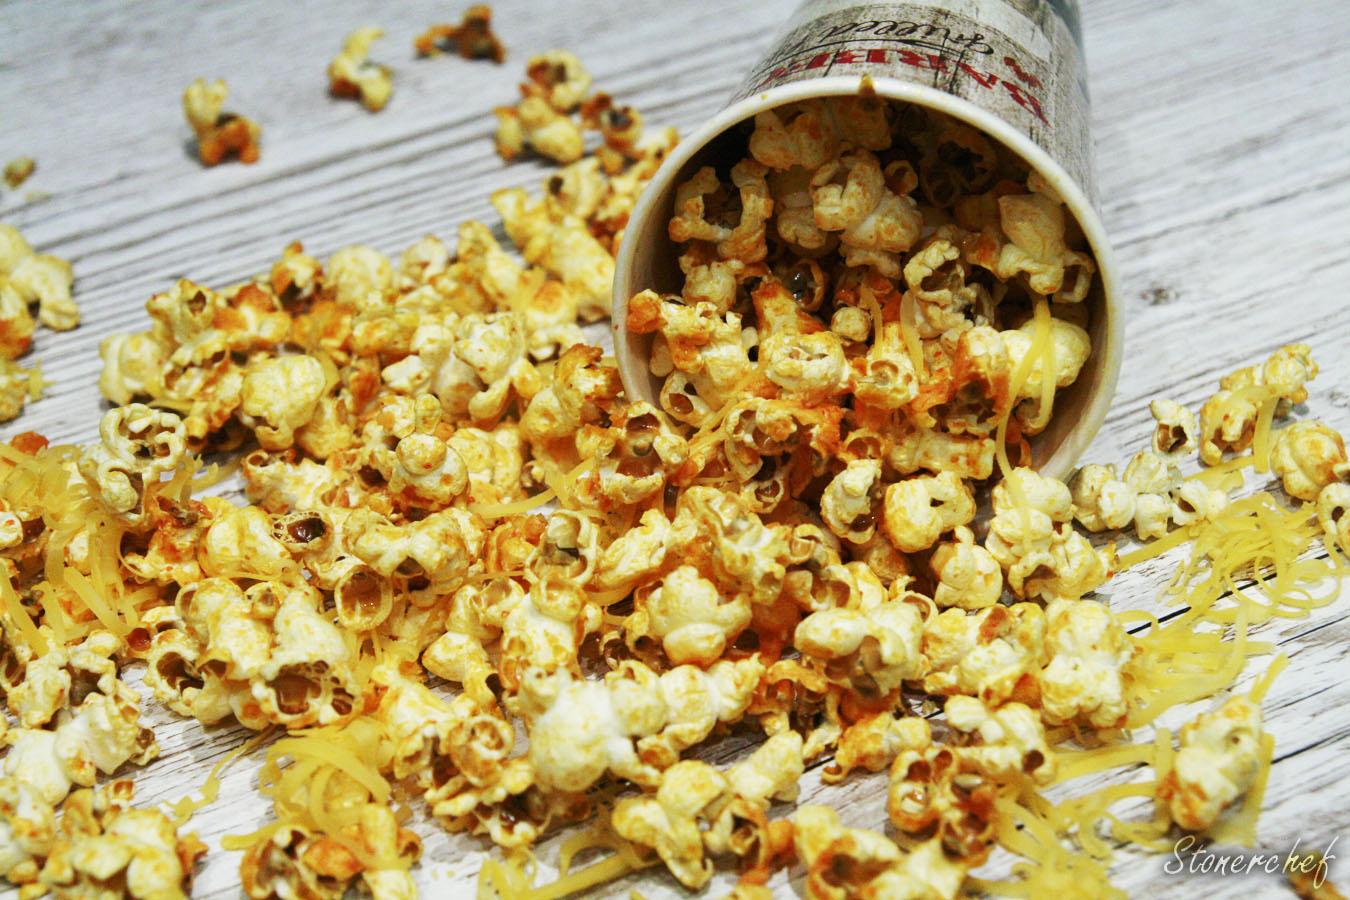 http://www.stonerchef.pl/wp-content/uploads/2017/05/popcorn-sriracha-na-deskach.jpg